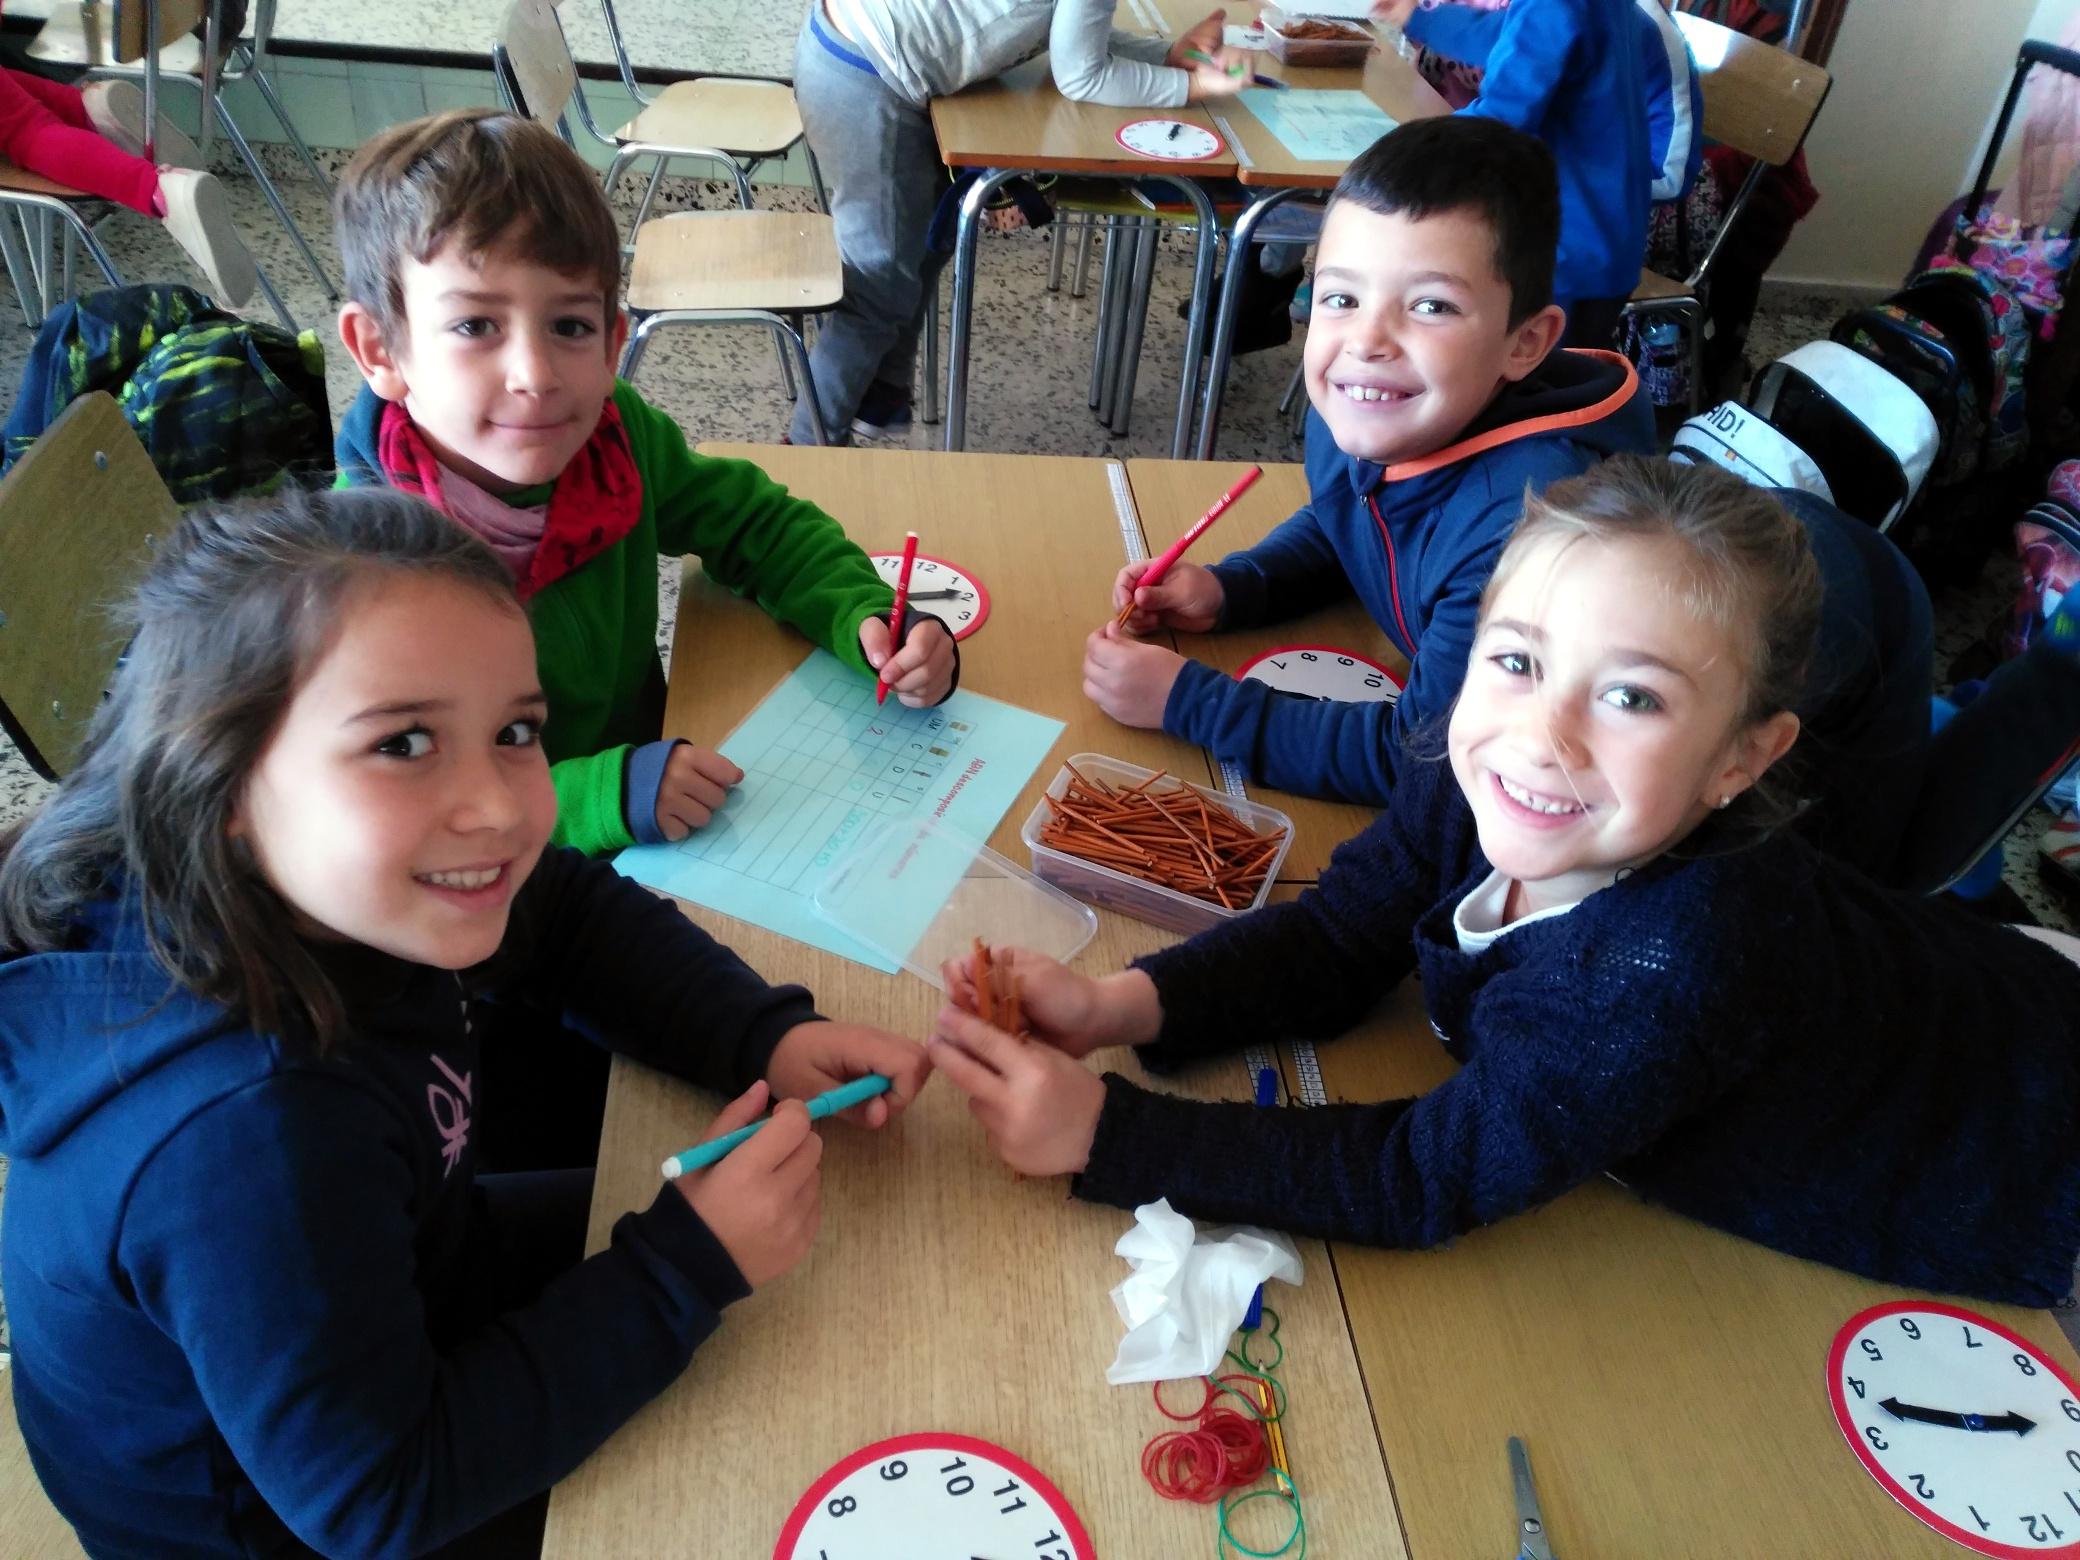 Los alumnos de Infantil y primeros cursos de Primaria aprenden matemáticas con el método ABN